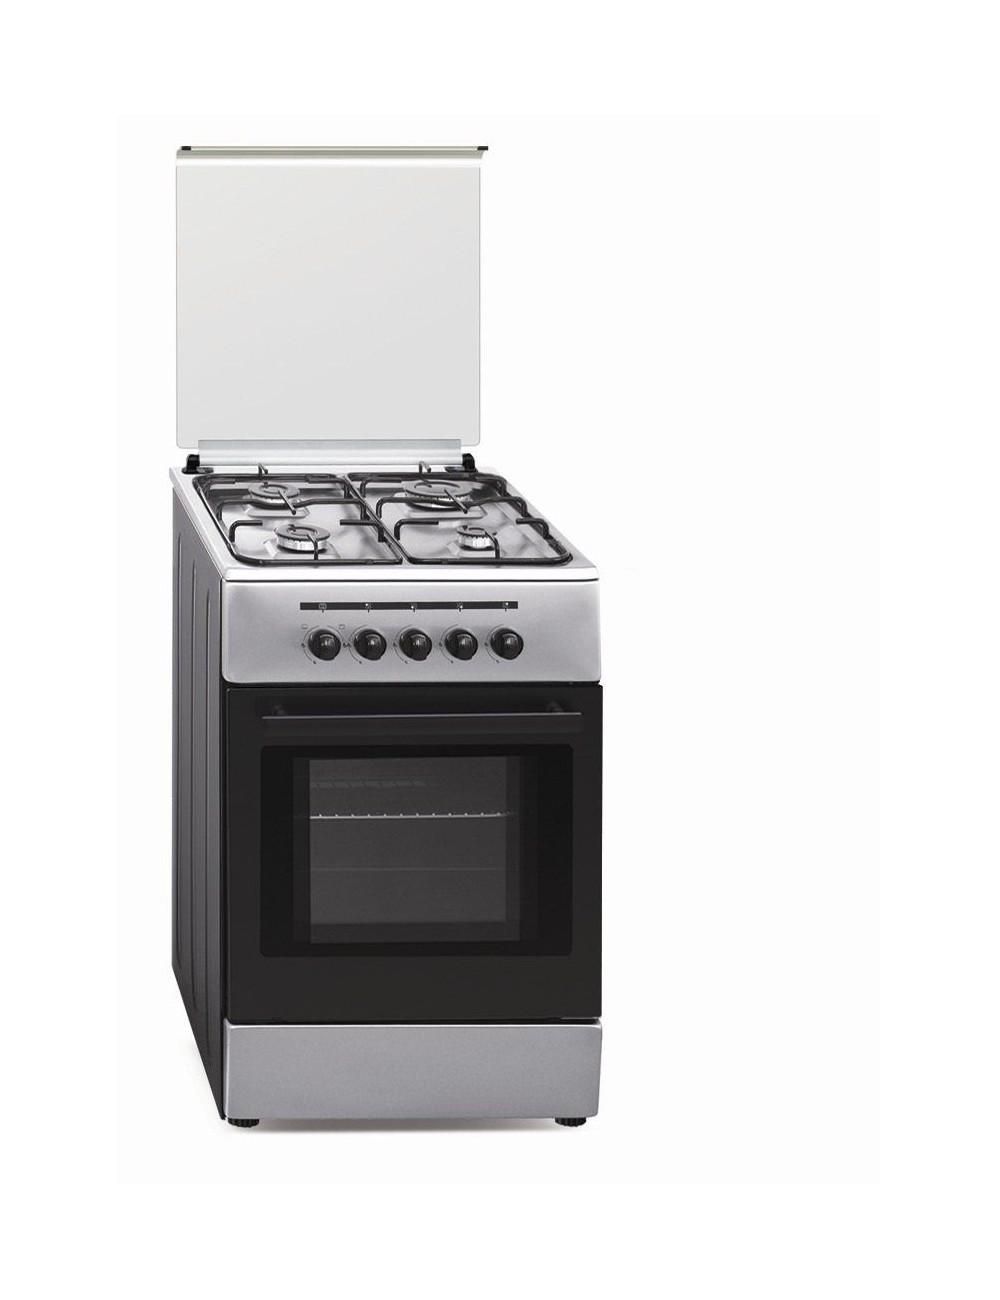 Cocina gas butano Vitrokitchen CB55IB Elegance